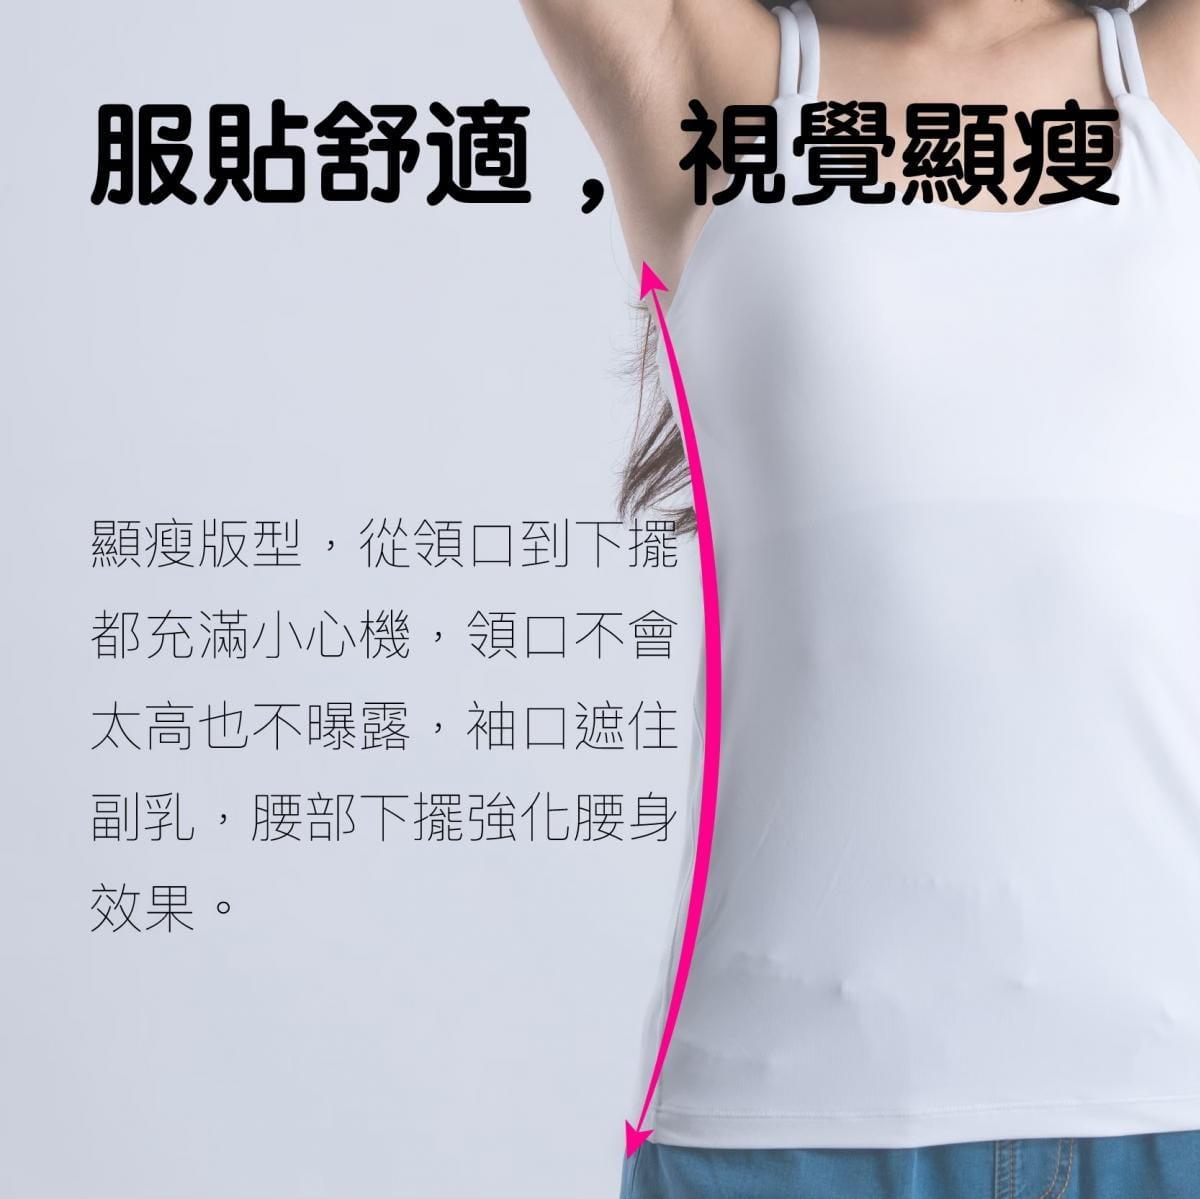 【WISENFIT】 台灣製-美胸涼感BRA背心 4